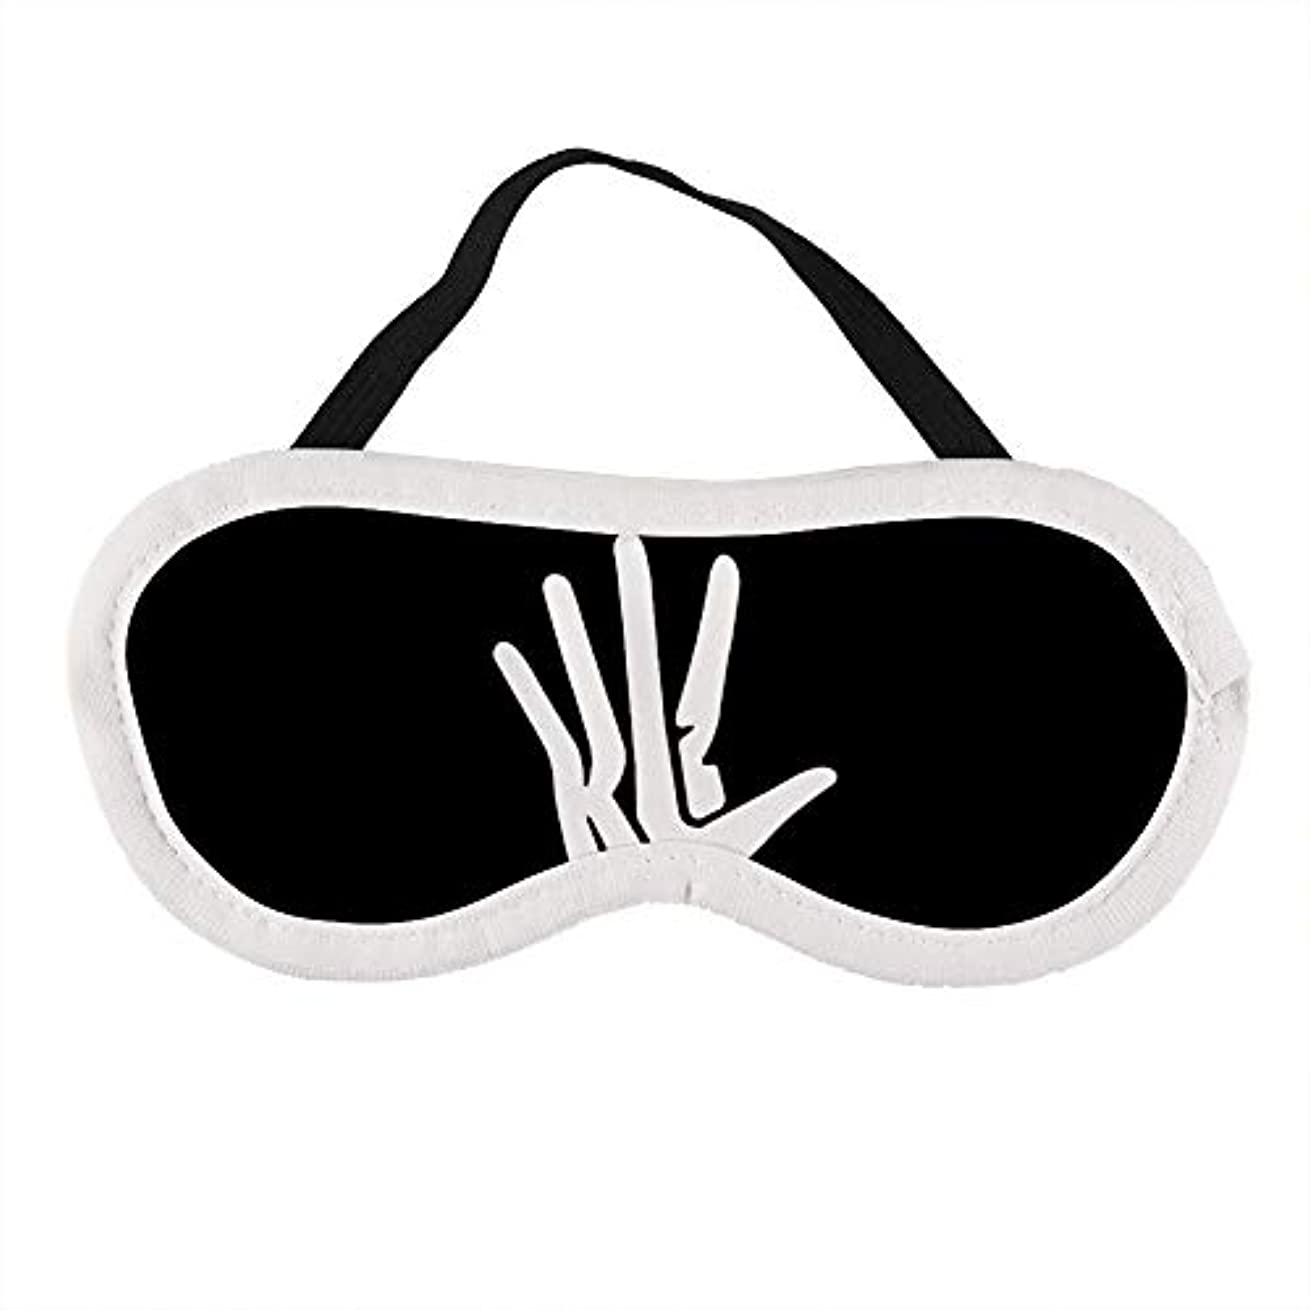 カワイ レナード バス 選手 手 ロゴ睡眠旅行のためのファッションソフトスリープアイマスクアイシェード目隠しは、昼寝ブロックライトを作業します